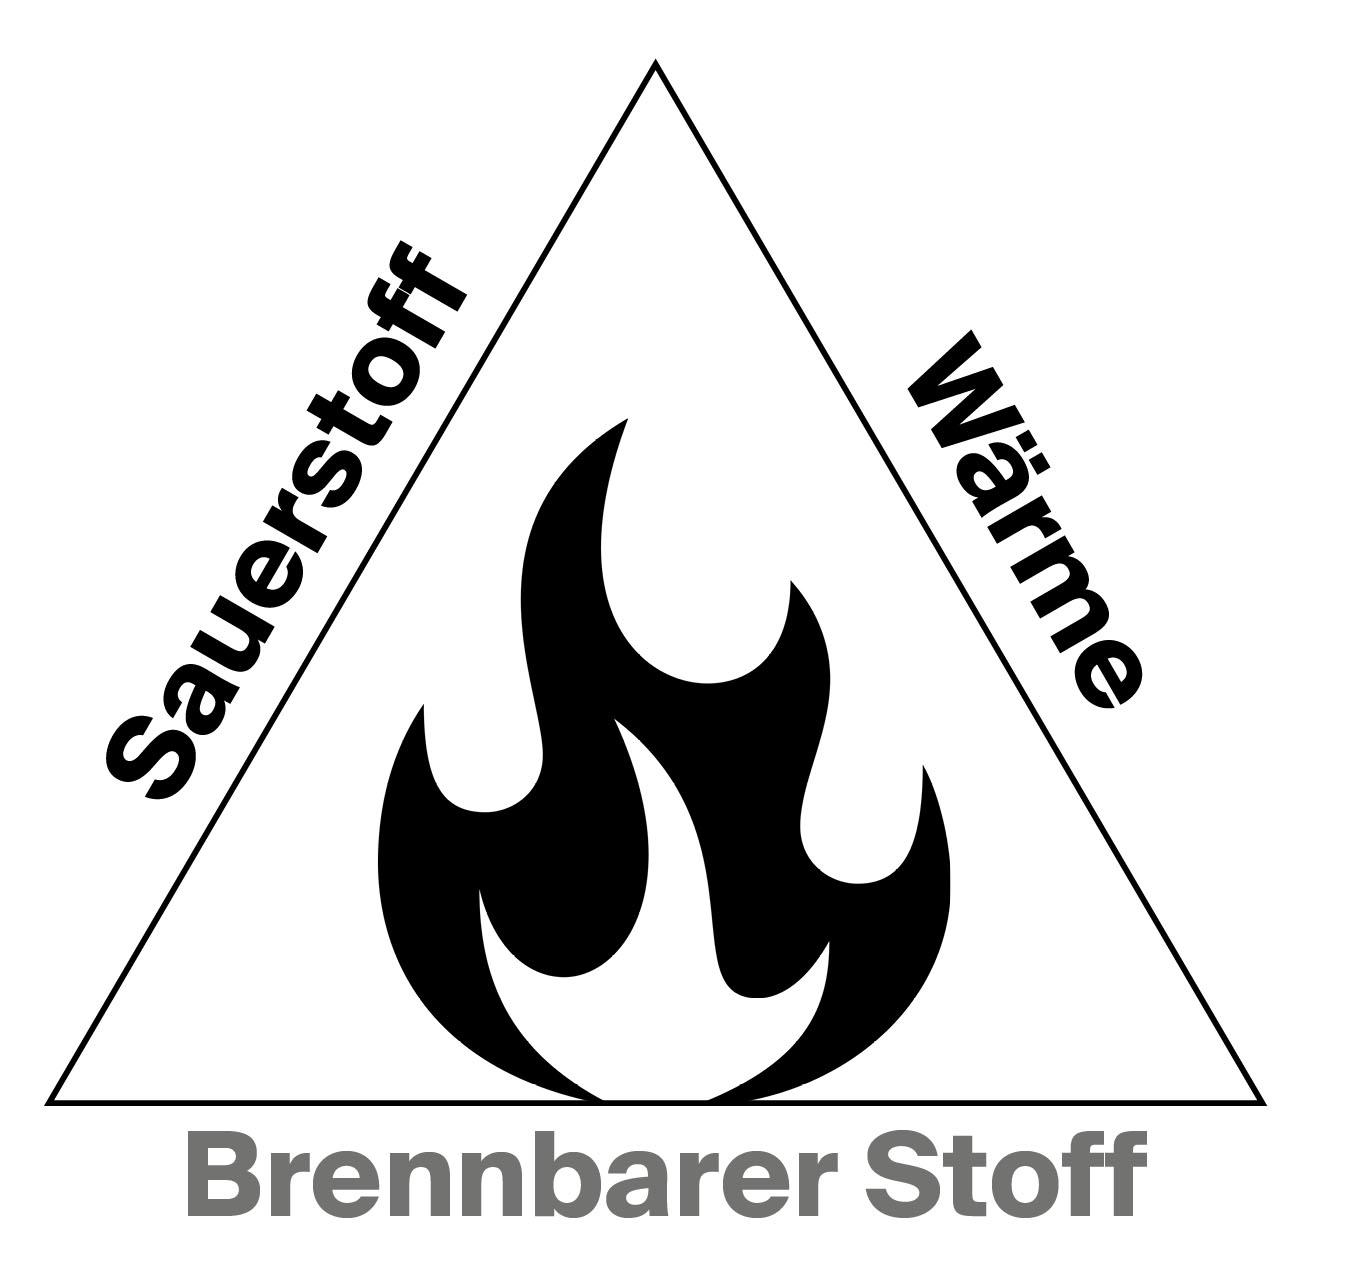 Feuerdreieck Sauerstoff Wärme Brennbarer Stoff